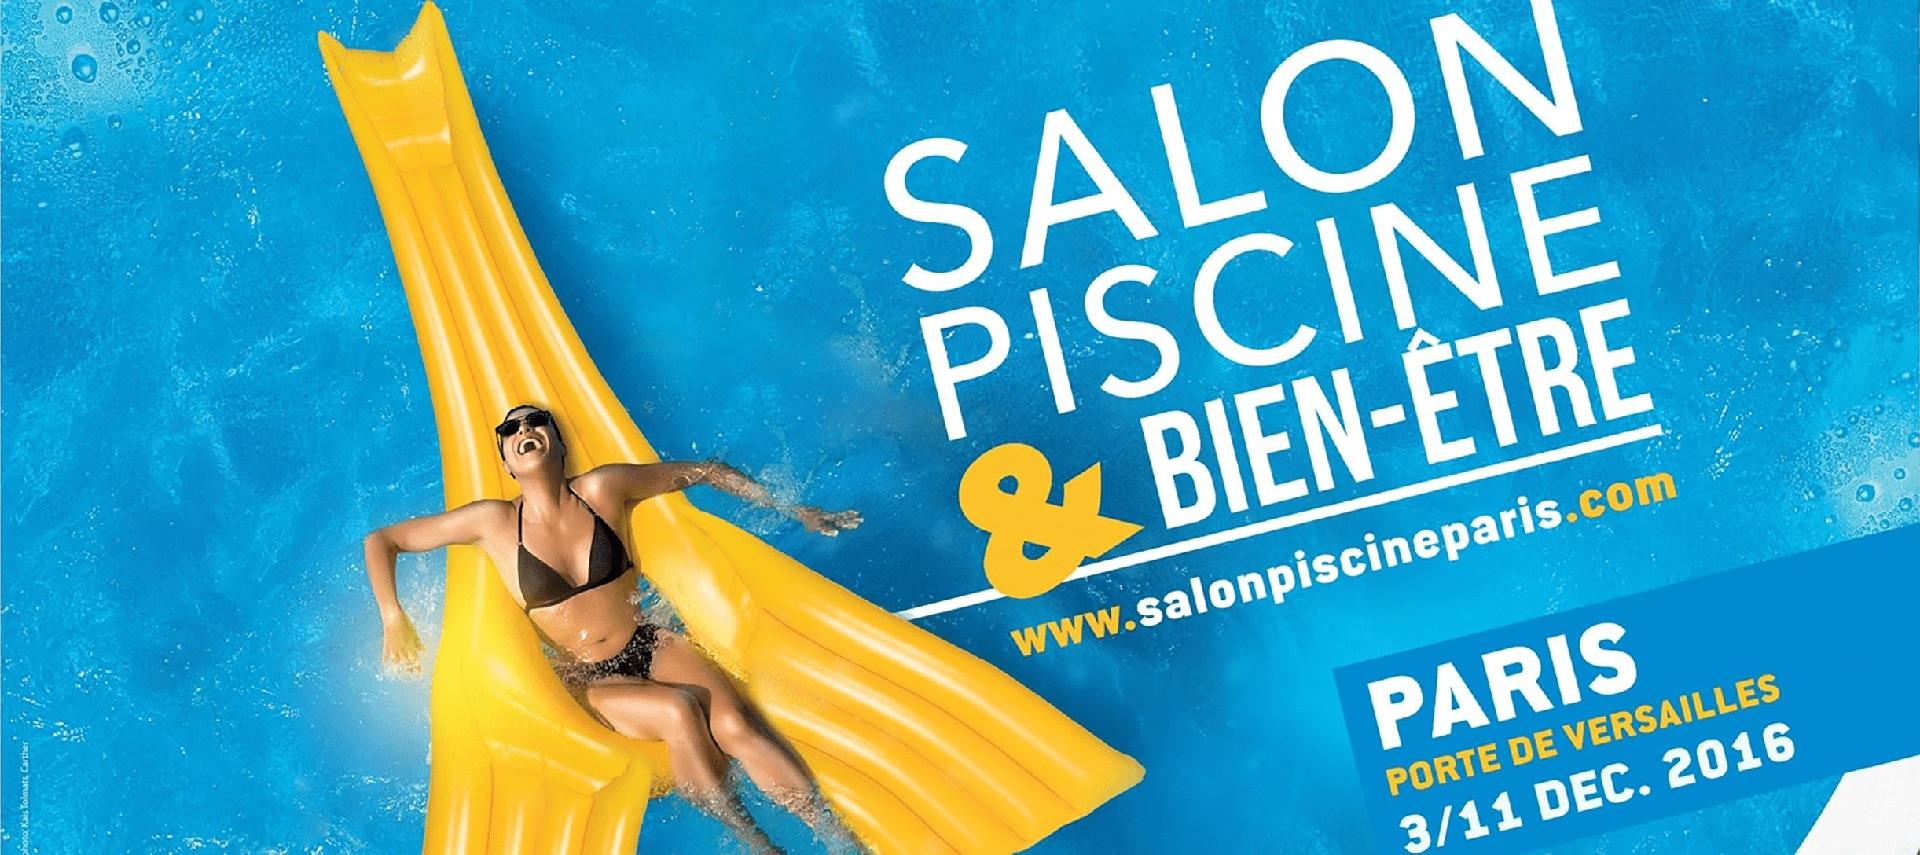 Salon Piscine Be 2016 Id Es Piscine